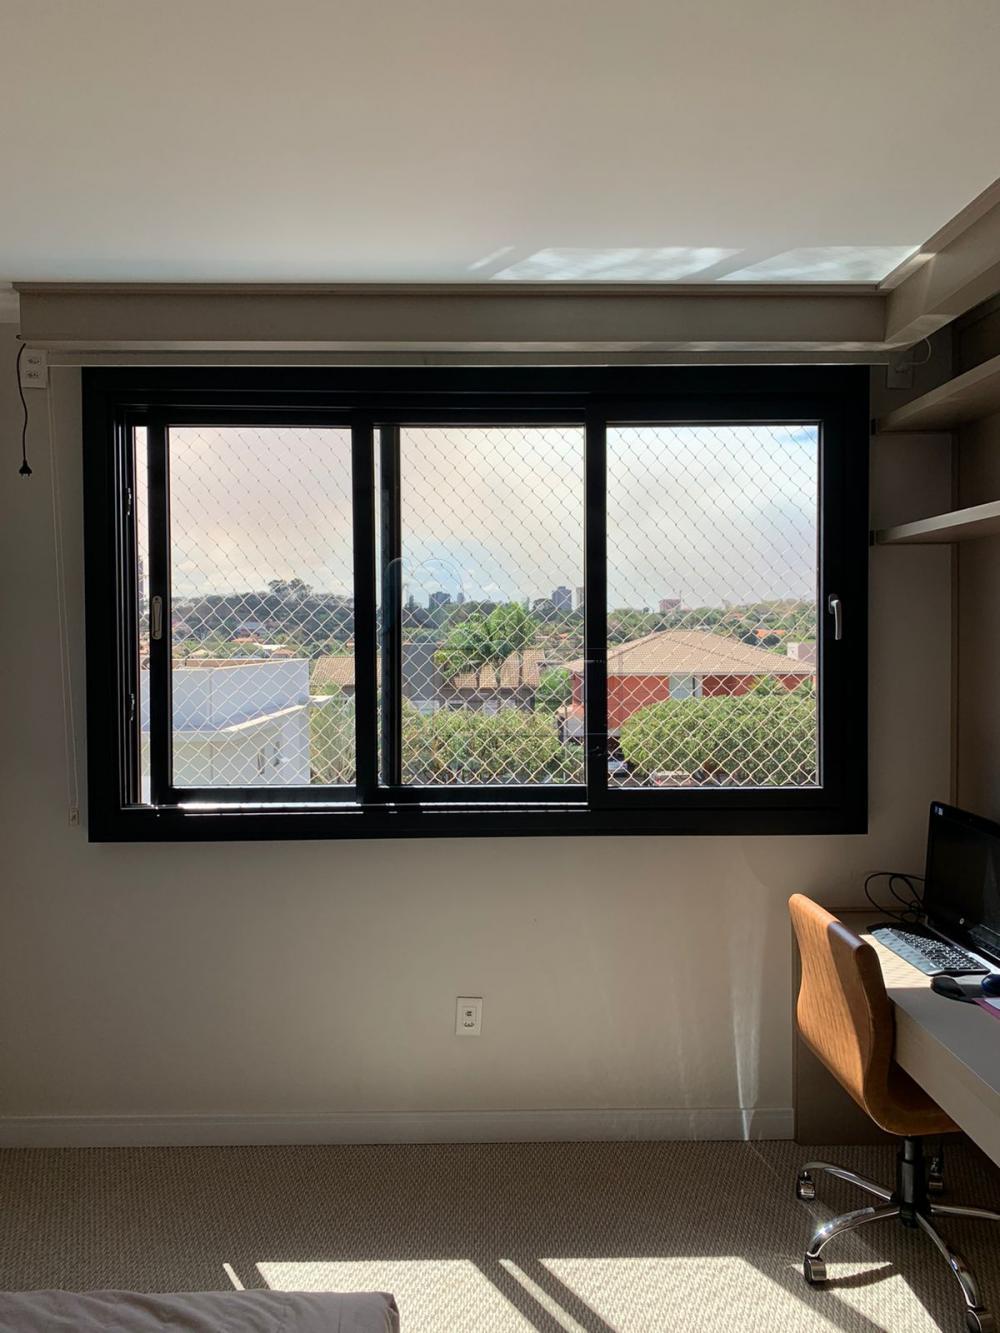 Comprar Casas / Condomínio em Bonfim Paulista R$ 1.555.000,00 - Foto 6